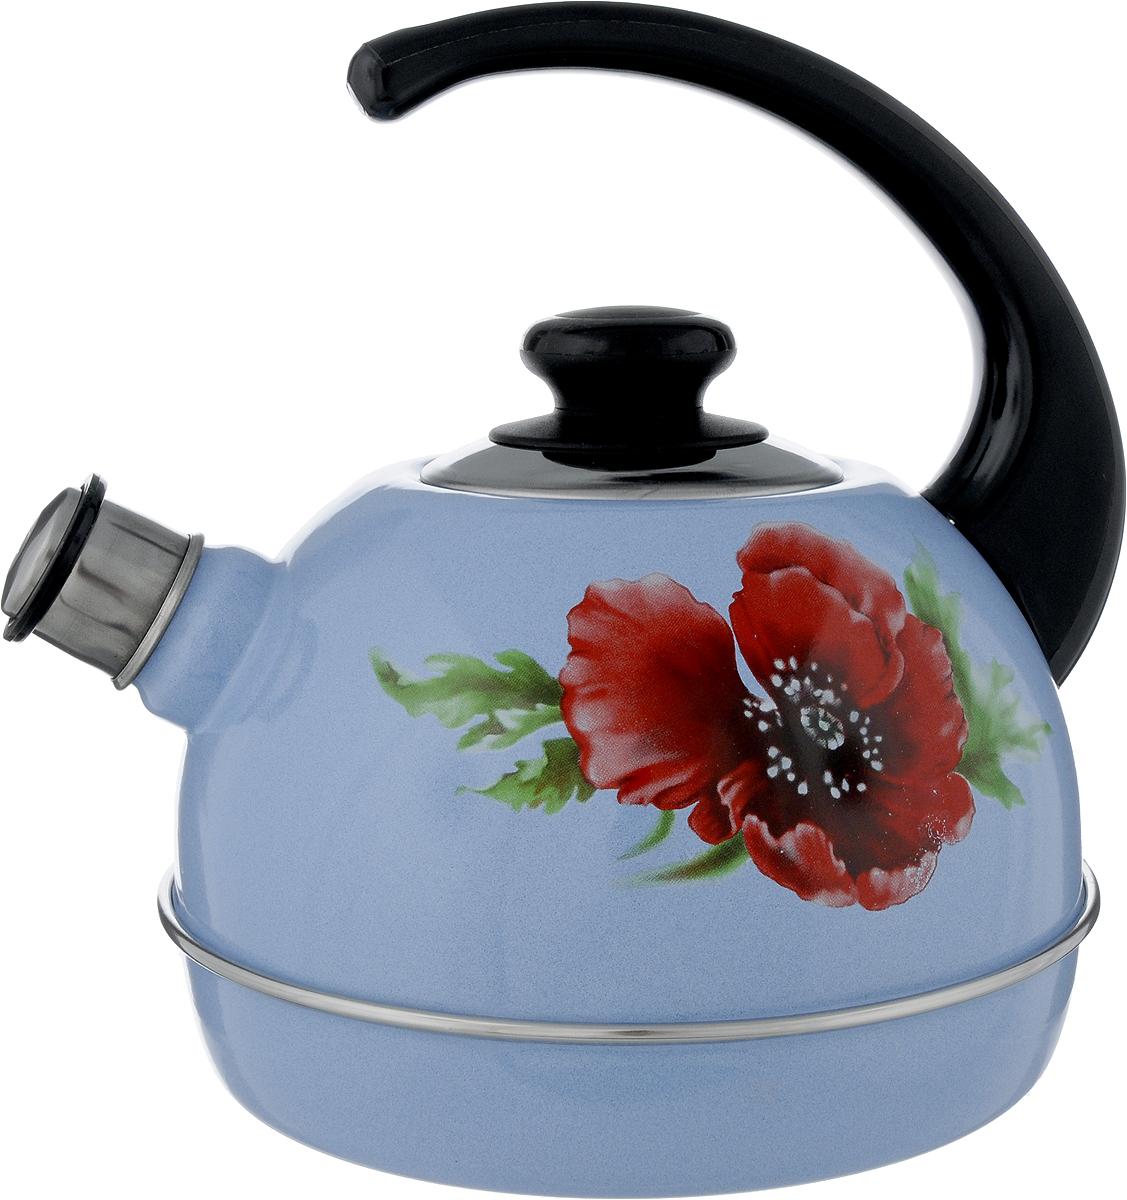 Чайник эмалированный Рубин Маковый цветок, со свистком, 3,5 лT04/35/09/04Чайник Рубин Маковый цветок выполнен из высококачественного стального проката, что обеспечивает долговечность использования. Внешнее трехслойное эмалевое покрытие Mefrit не вступает во взаимодействие с пищевыми продуктами. Такое покрытие защищает сталь от коррозии, придает посуде гладкую стекловидную поверхность и надежно защищает от кислот и щелочей. Чайник оснащен фиксированной ручкой из пластика и крышкой, которая плотно прилегает к краю. Носик чайника оснащен съемным свистком, звуковой сигнал которого подскажет, когда закипит вода. Можно мыть в посудомоечной машине. Пригоден для всех видов плит, включая индукционные. Высота чайника (с учетом ручки): 24 см.Высота чайника (без учета крышки и ручки): 14 см.Диаметр по верхнему краю: 8,7 см.